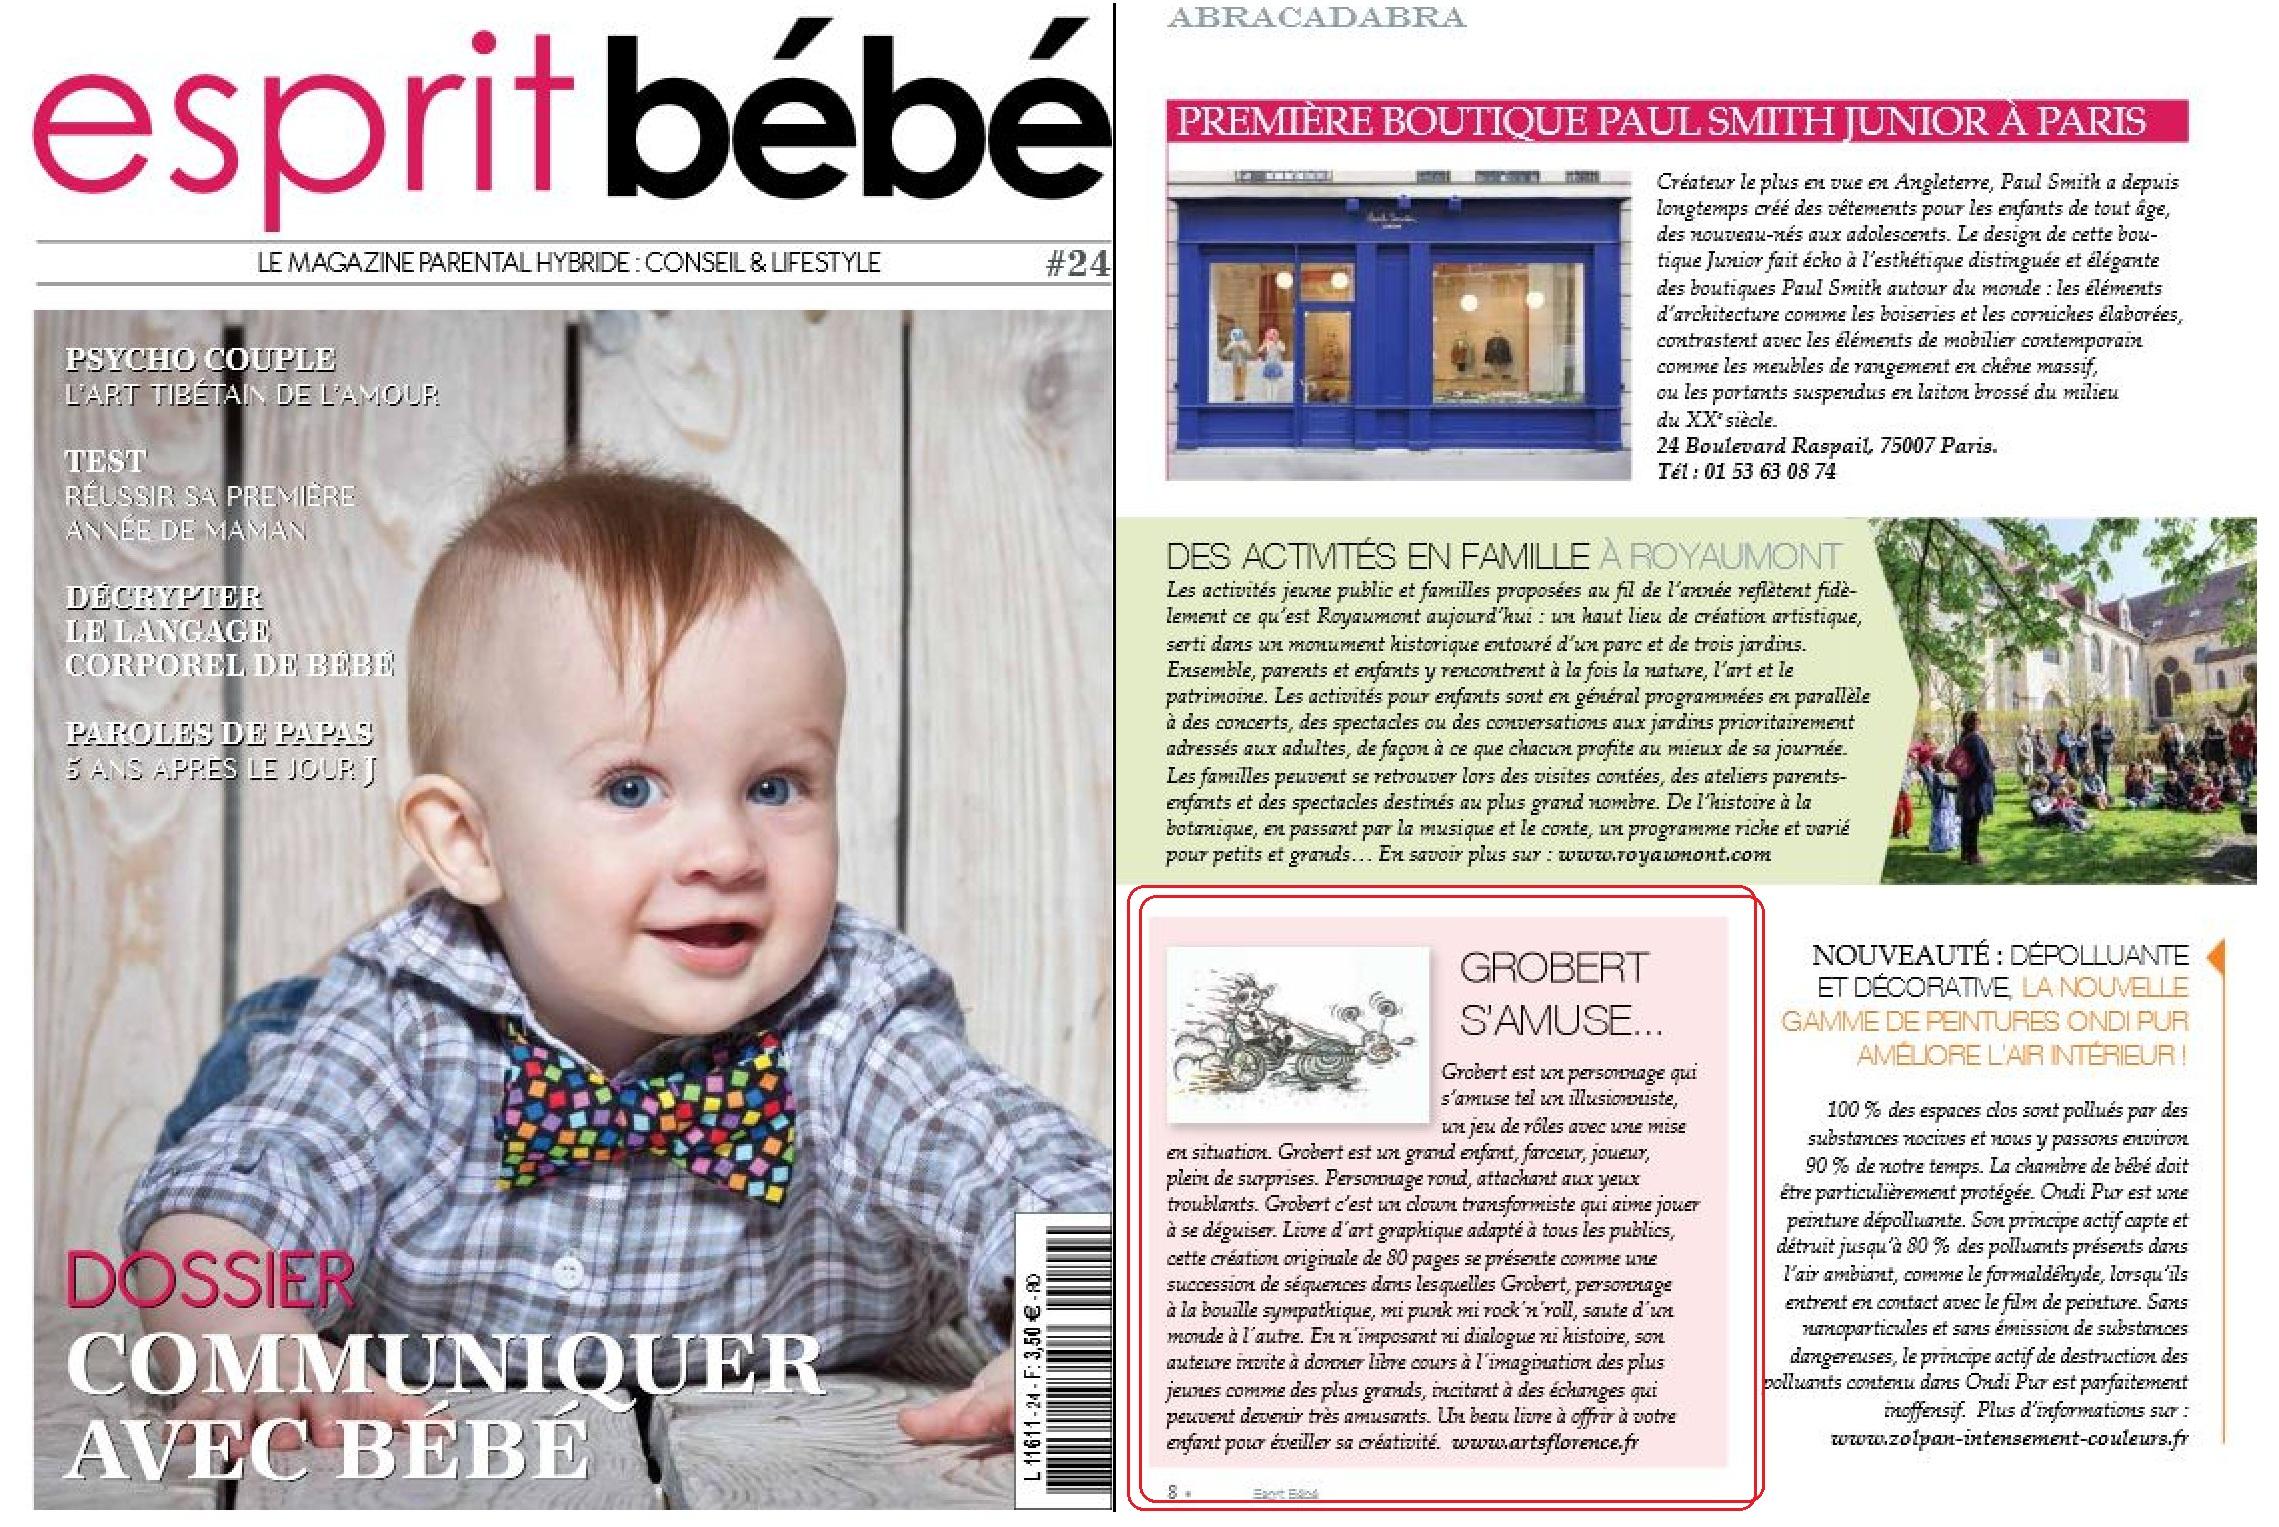 le magazine esprit b b parle de artsflorence et de son. Black Bedroom Furniture Sets. Home Design Ideas